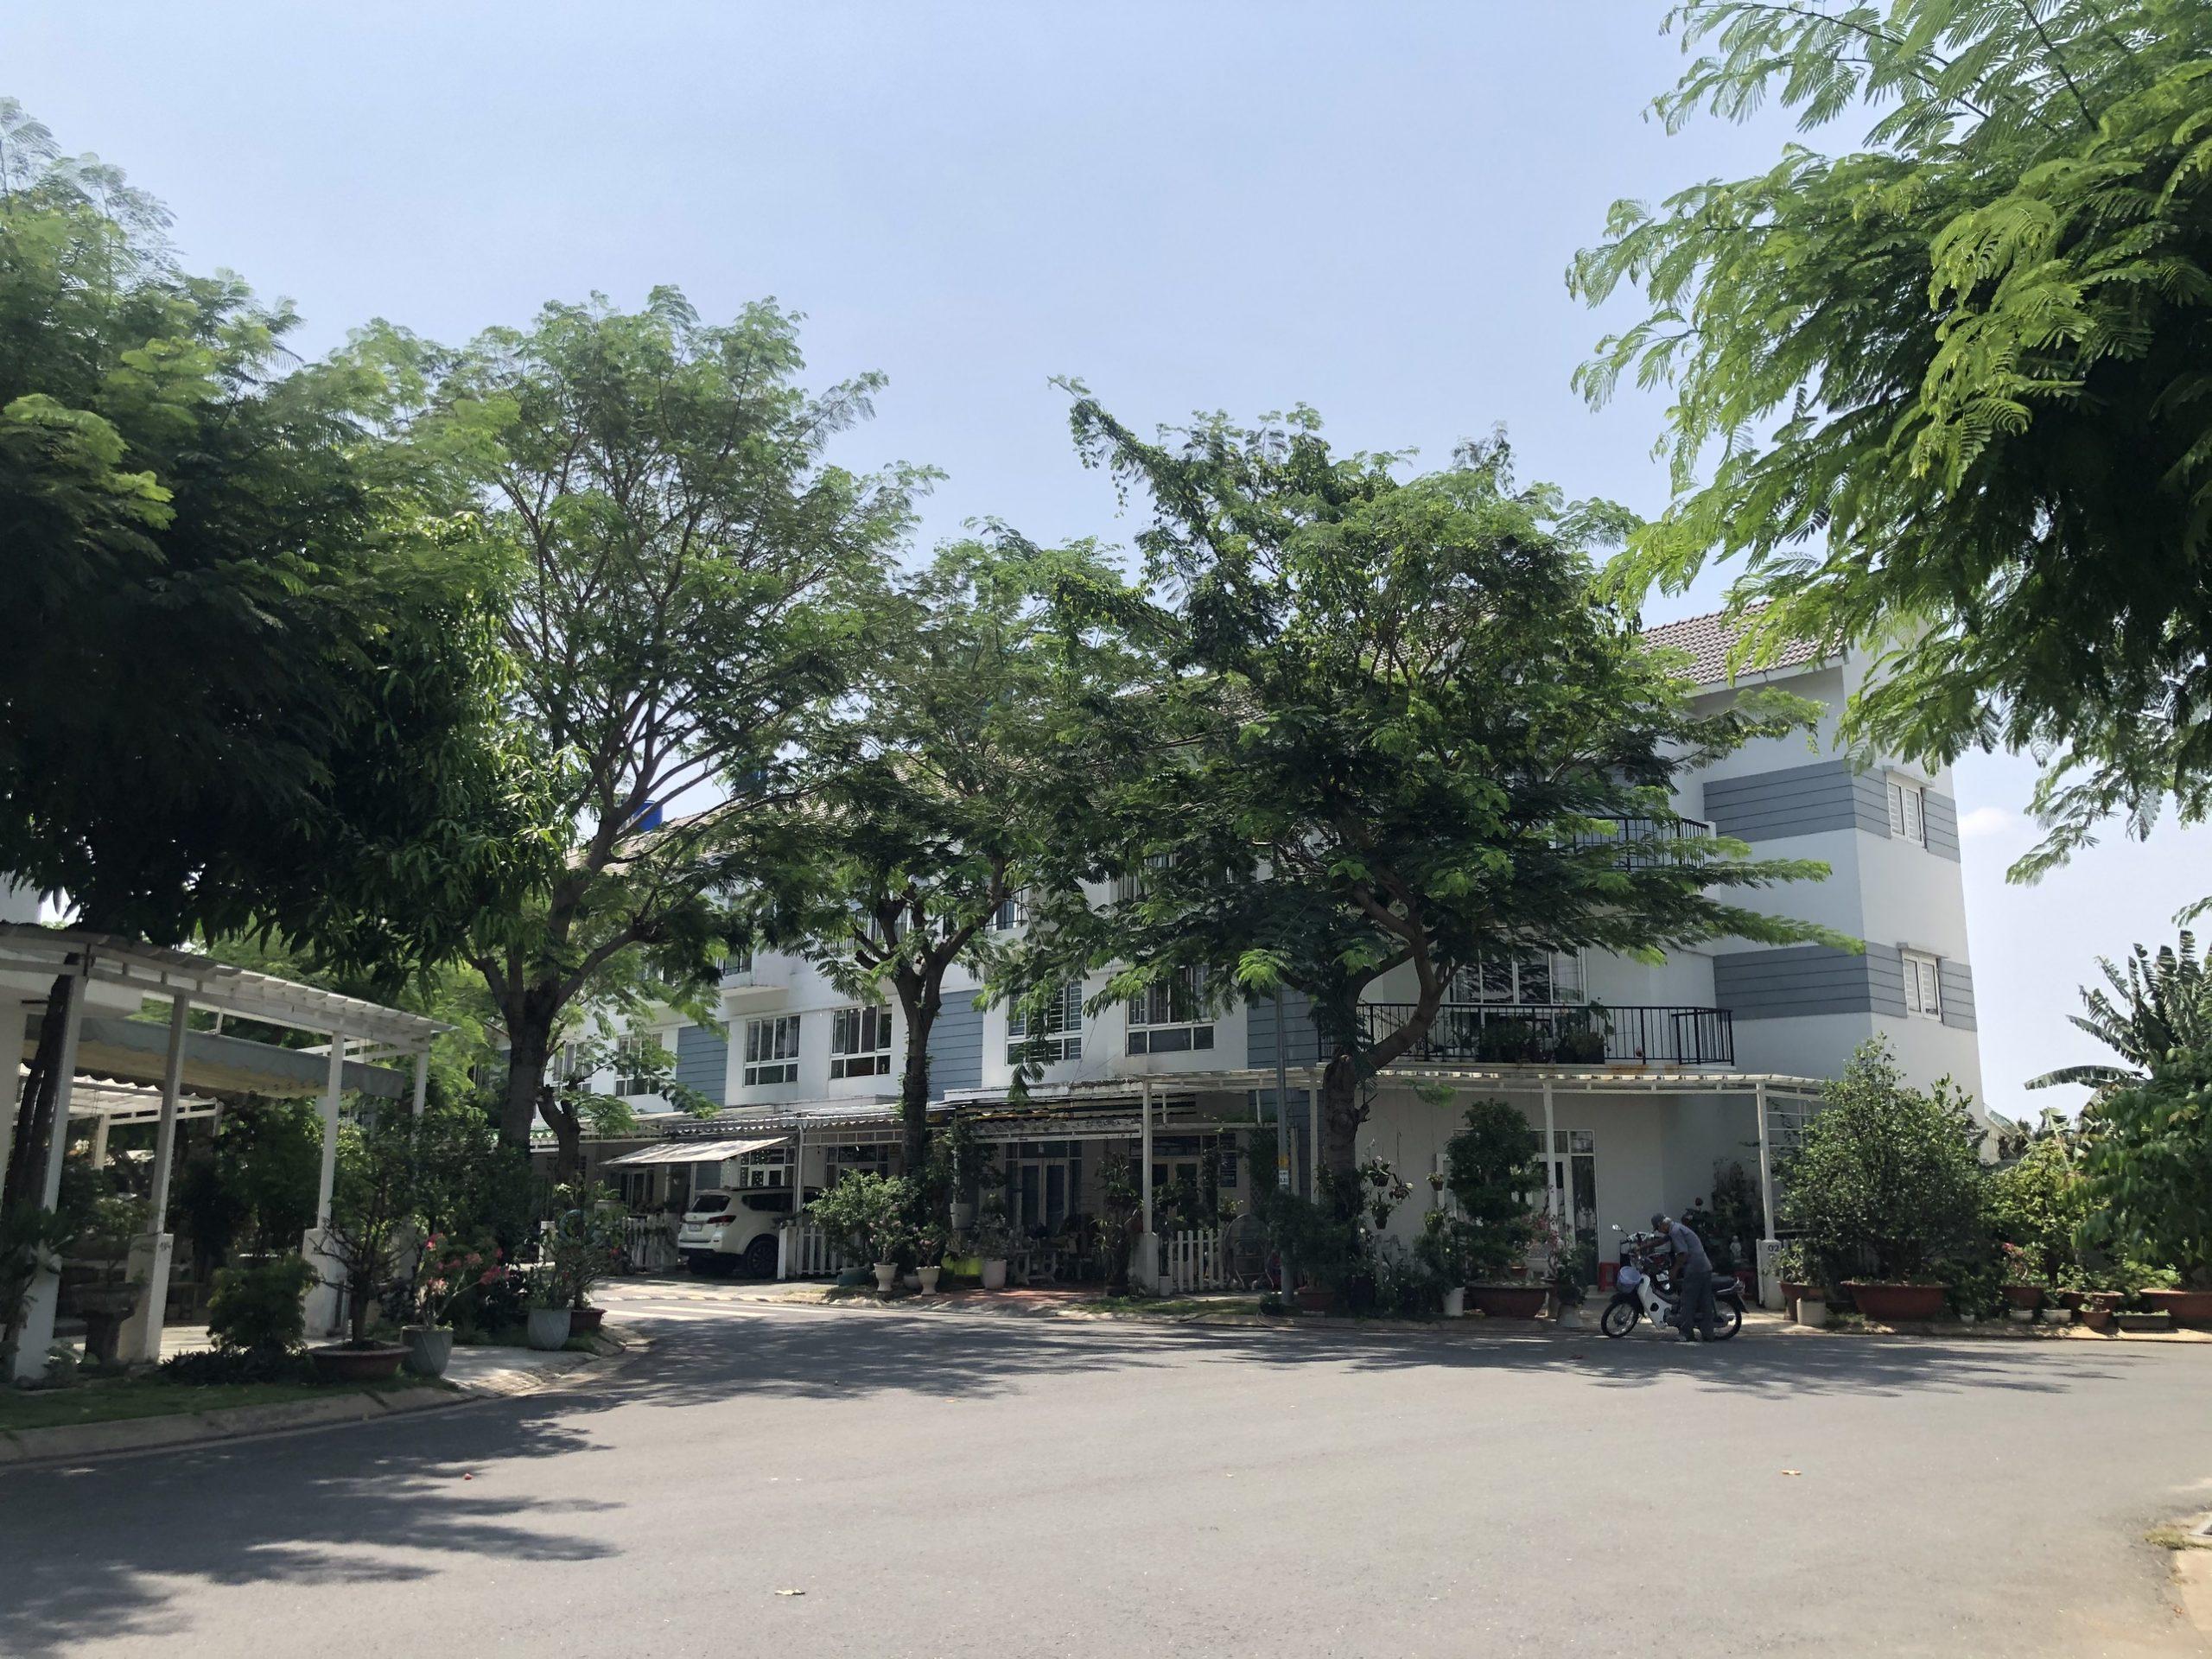 Hình ảnh thực tế cập nhật mới nhất dự án Mega Residence Khang Điền Quận 9. Liên hệ 0812 756 888